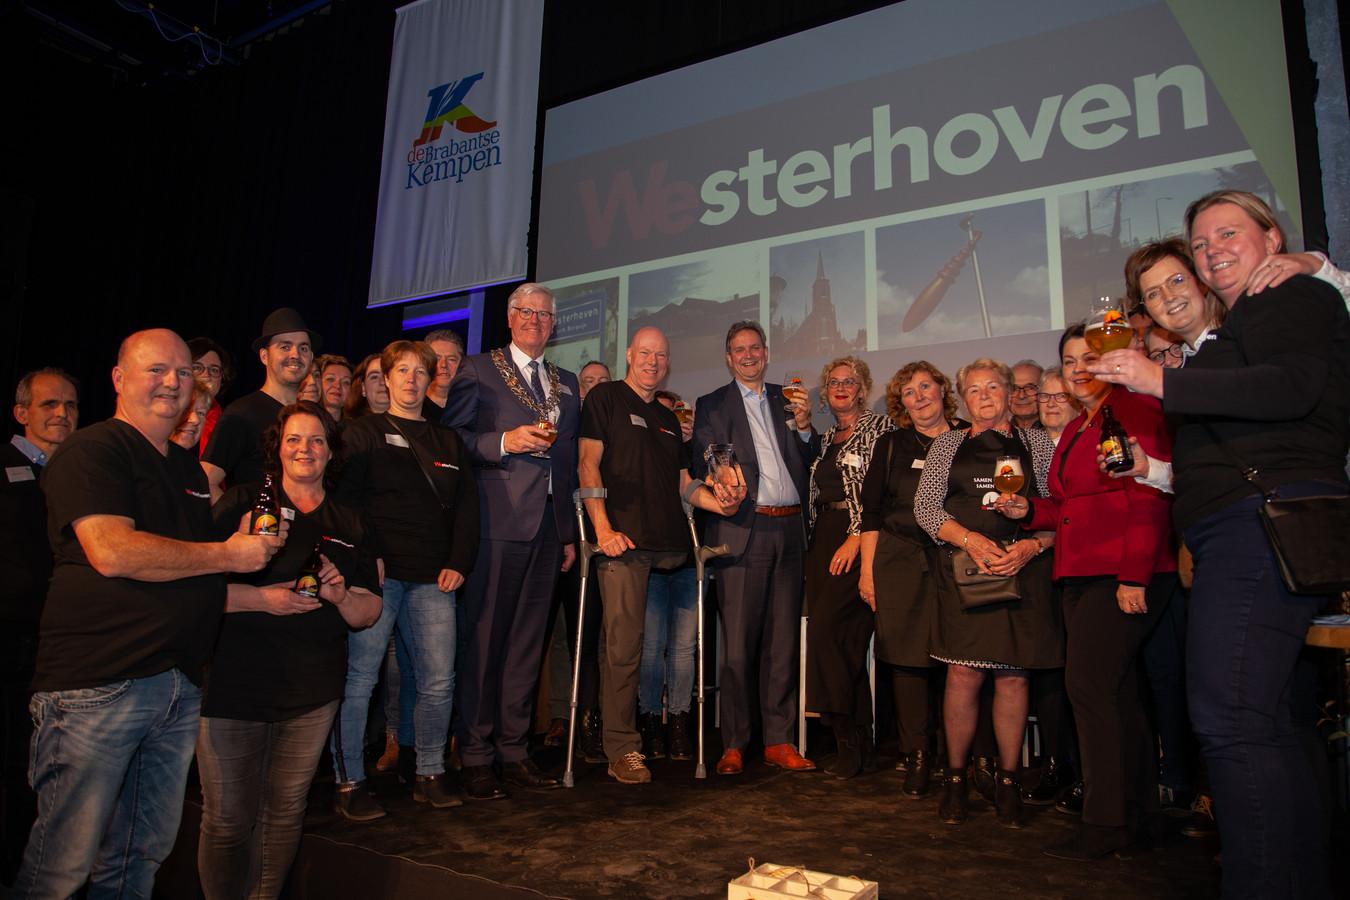 WIJ WEsterhoven winnaar van de Kempentrofee 2019